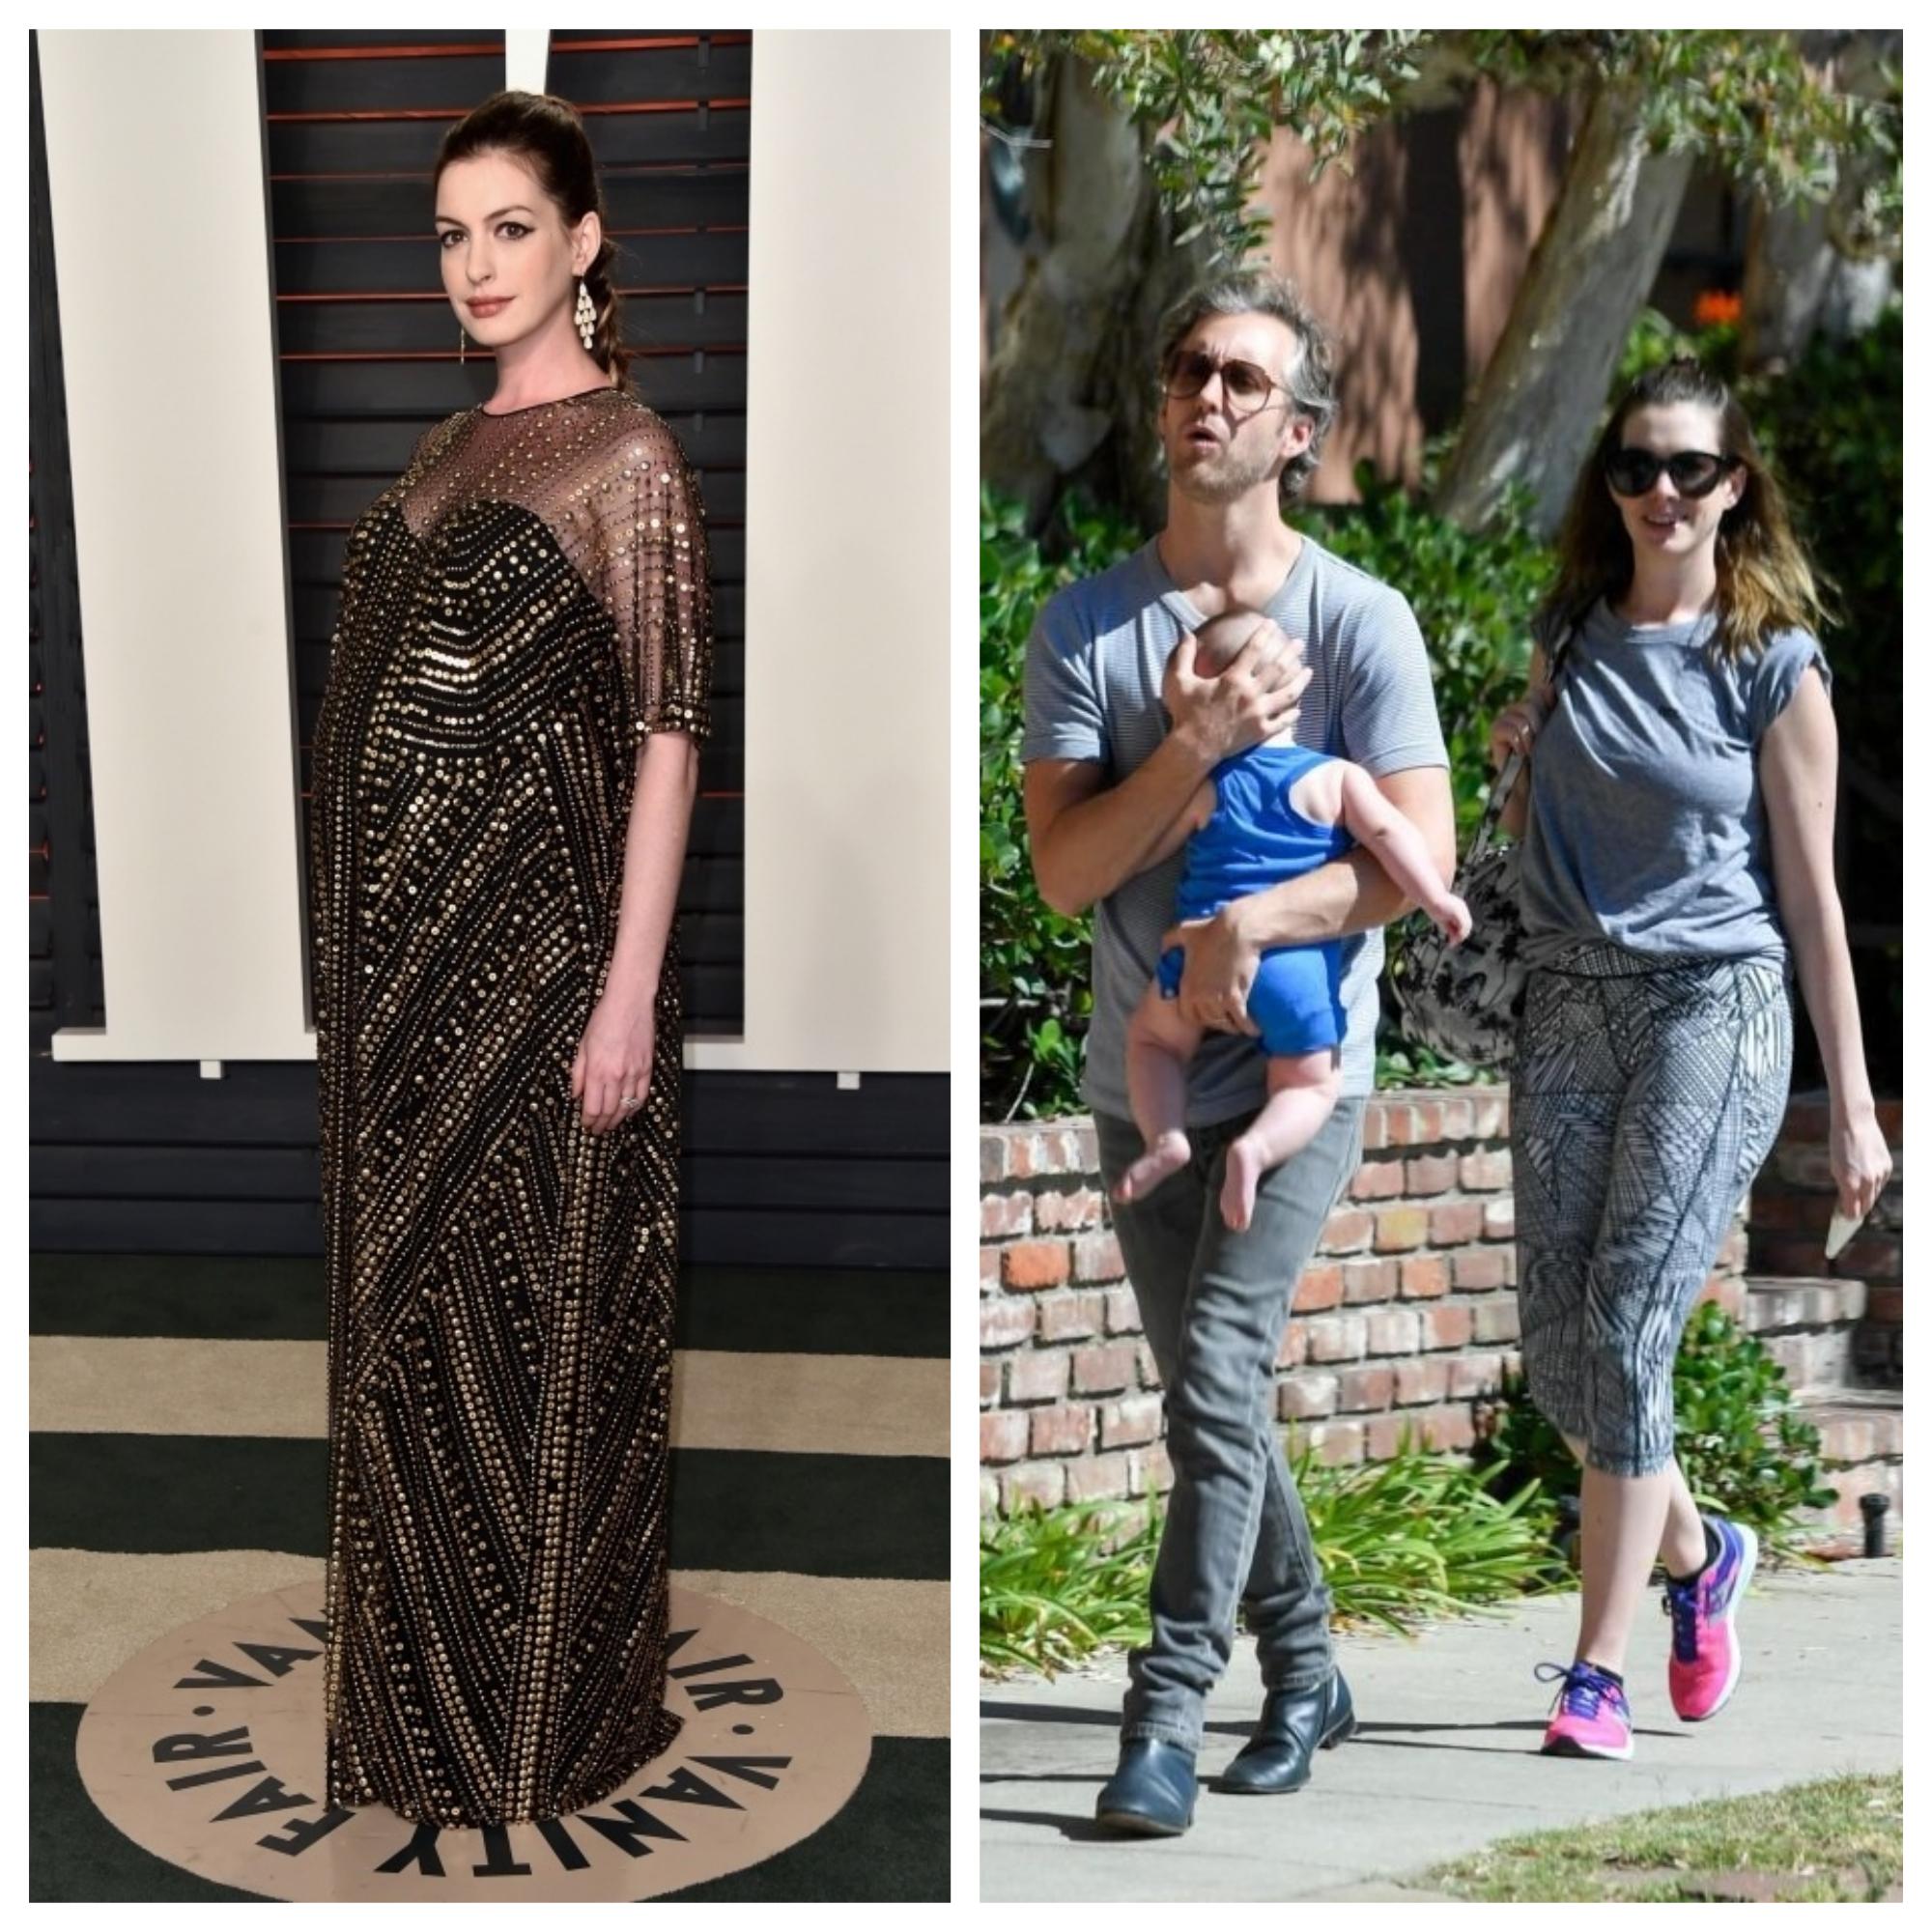 Энн Хэтэуэй беременна во второй раз, но мы уверены, что вернуть тело в форму ей удастся также быстро